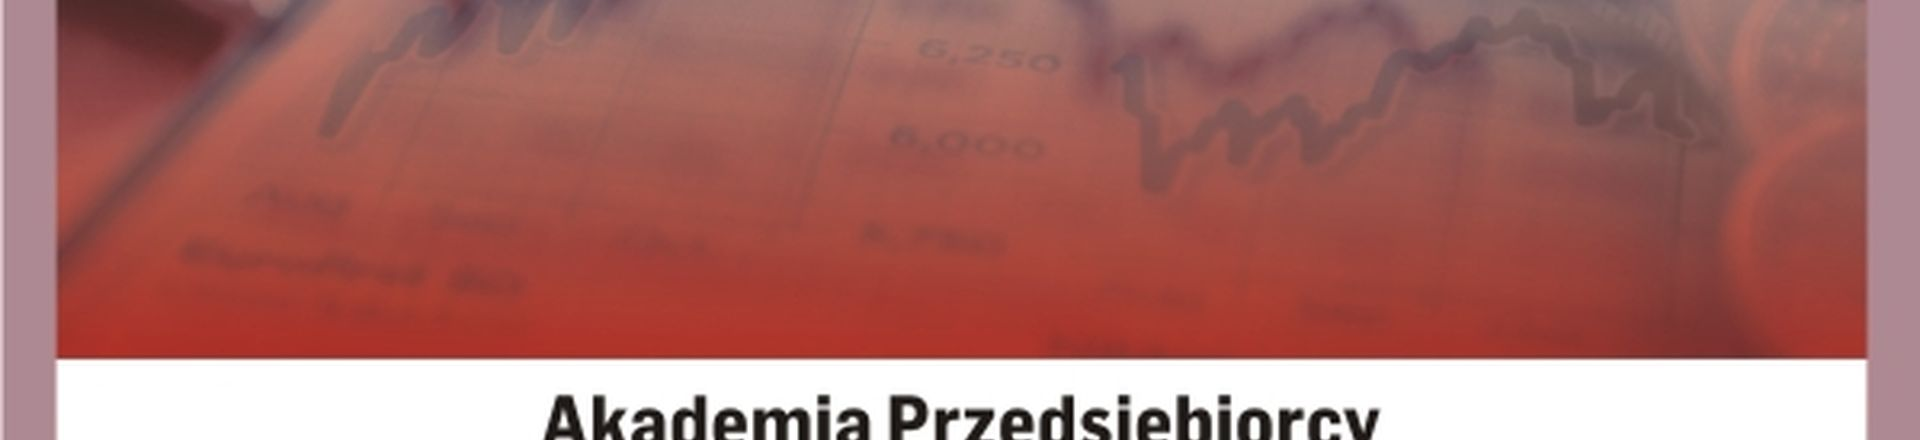 Cykl Akademia Przedsiębiorcy: Kapitał i bezpieczeństwo Twojej firmy - Kielce